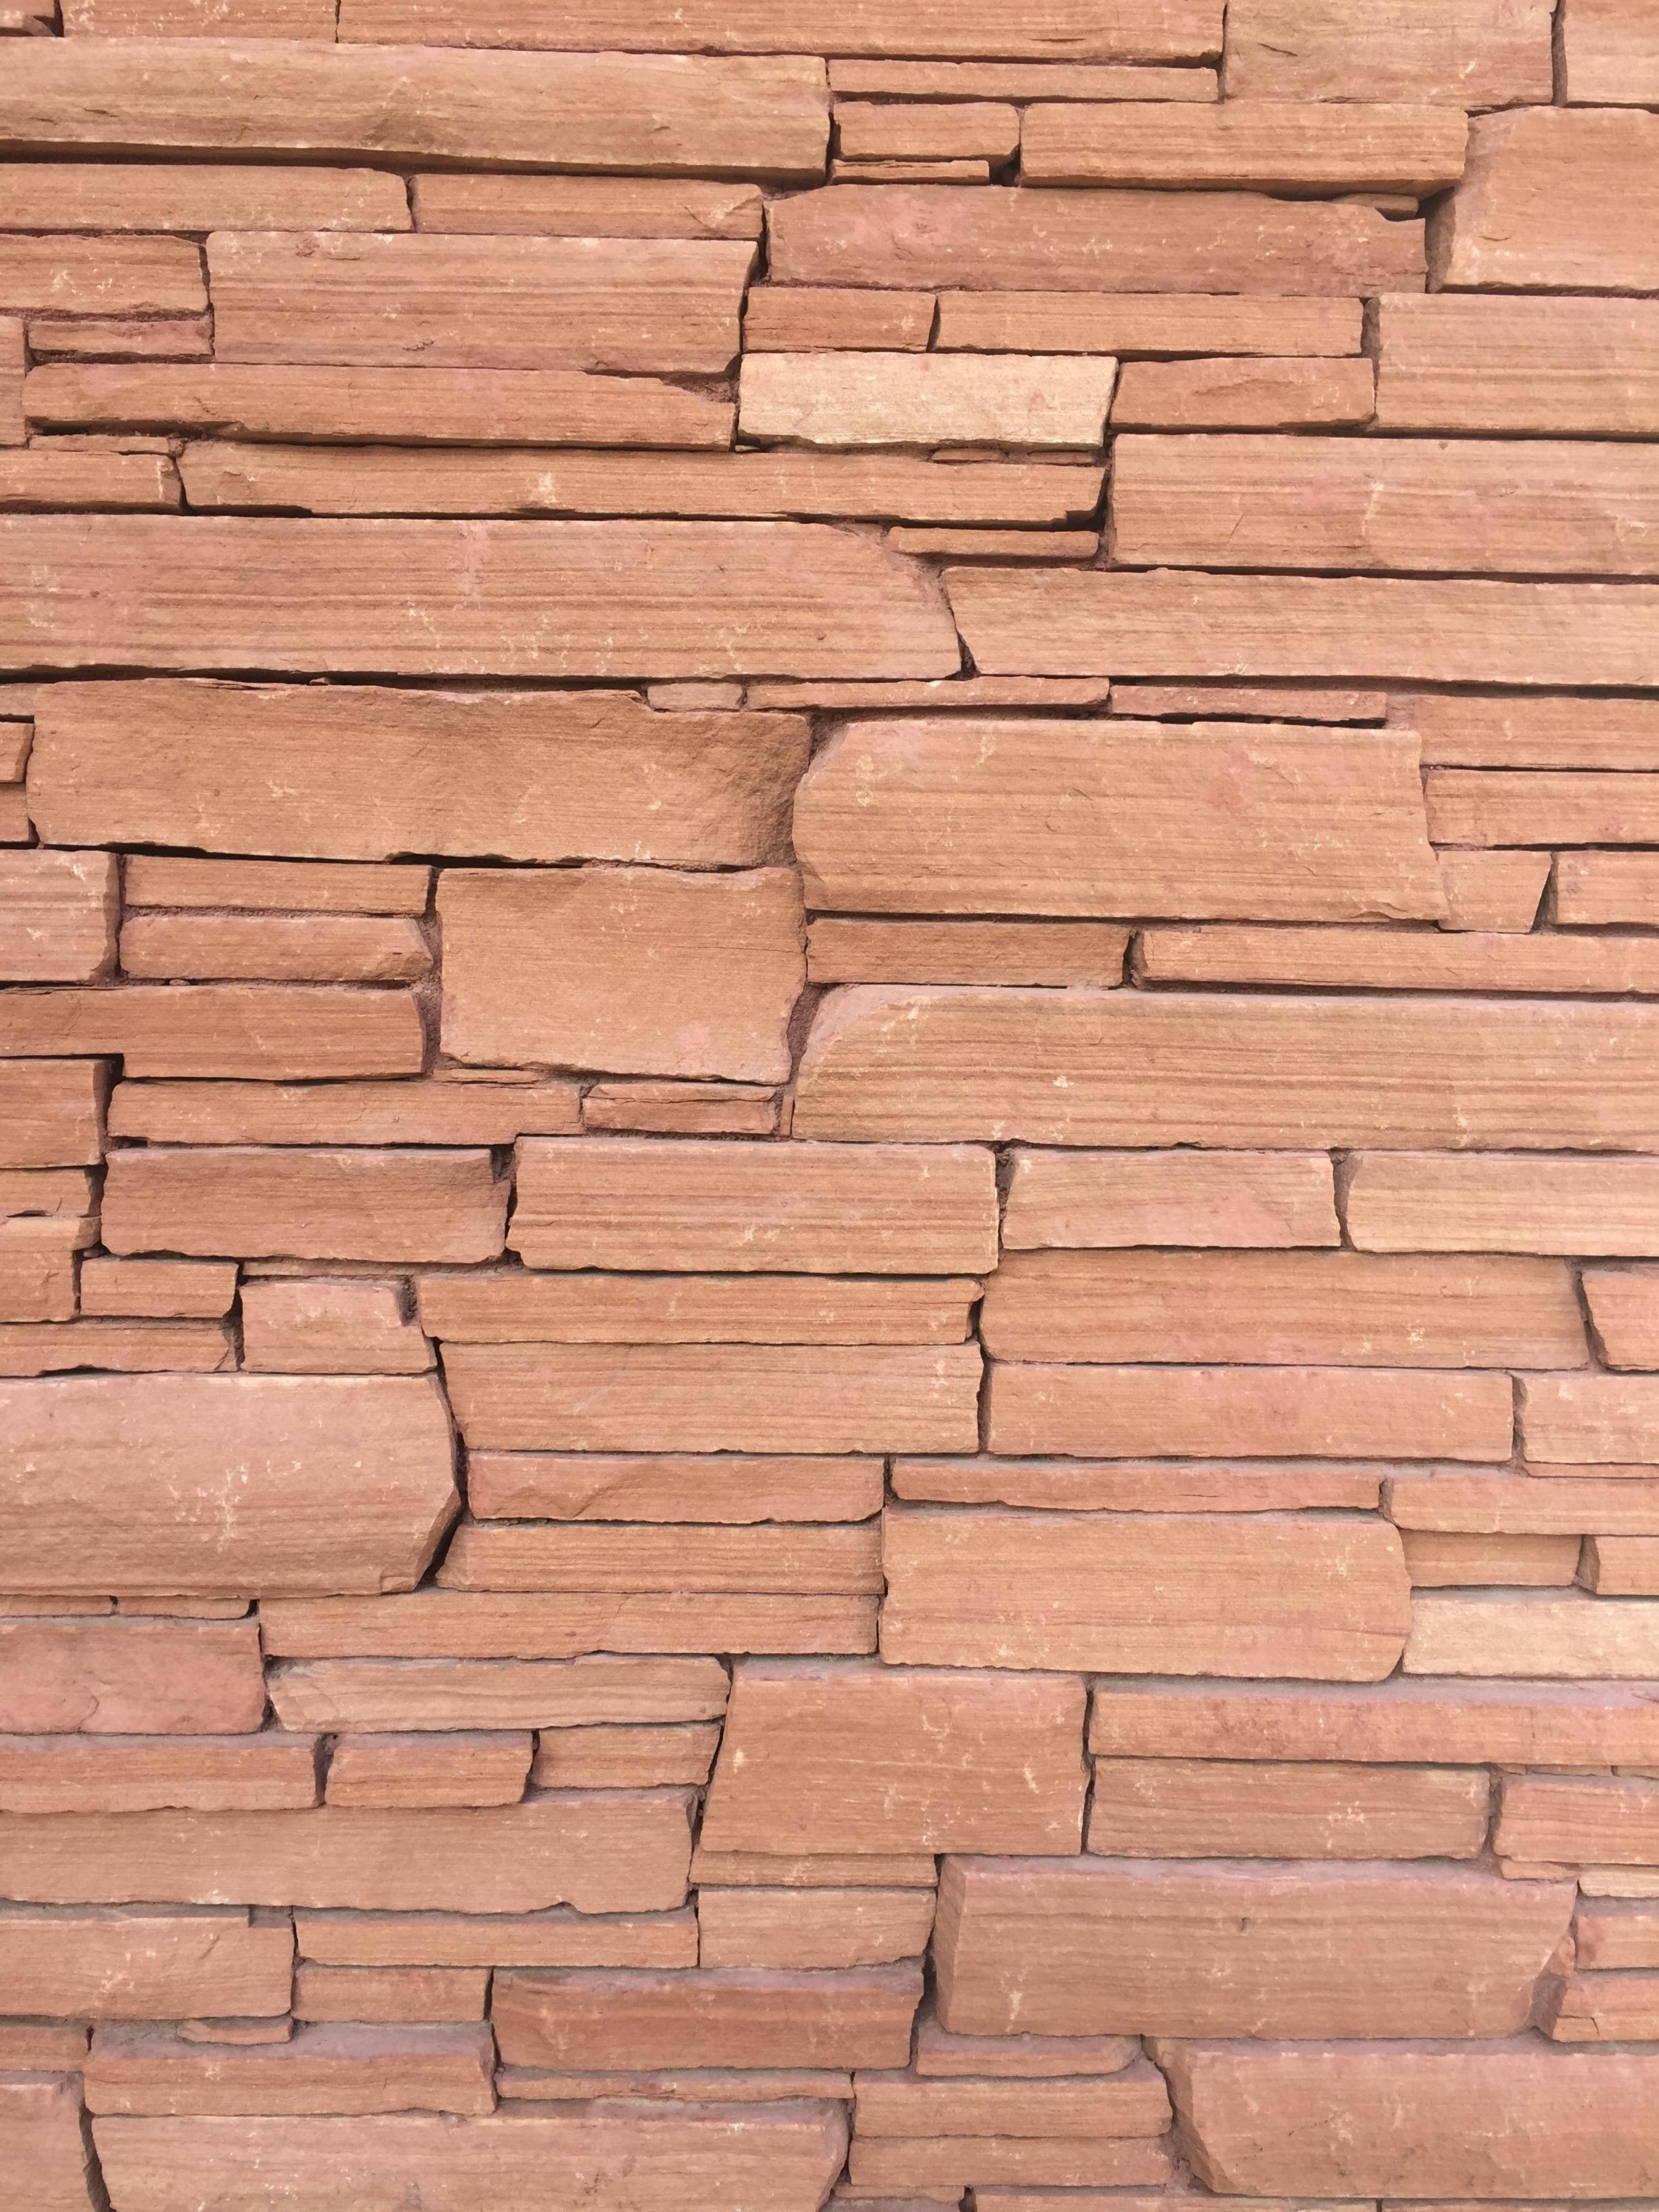 Fotos gratis textura piso pared retrato rojo pared - Ladrillos de piedra ...